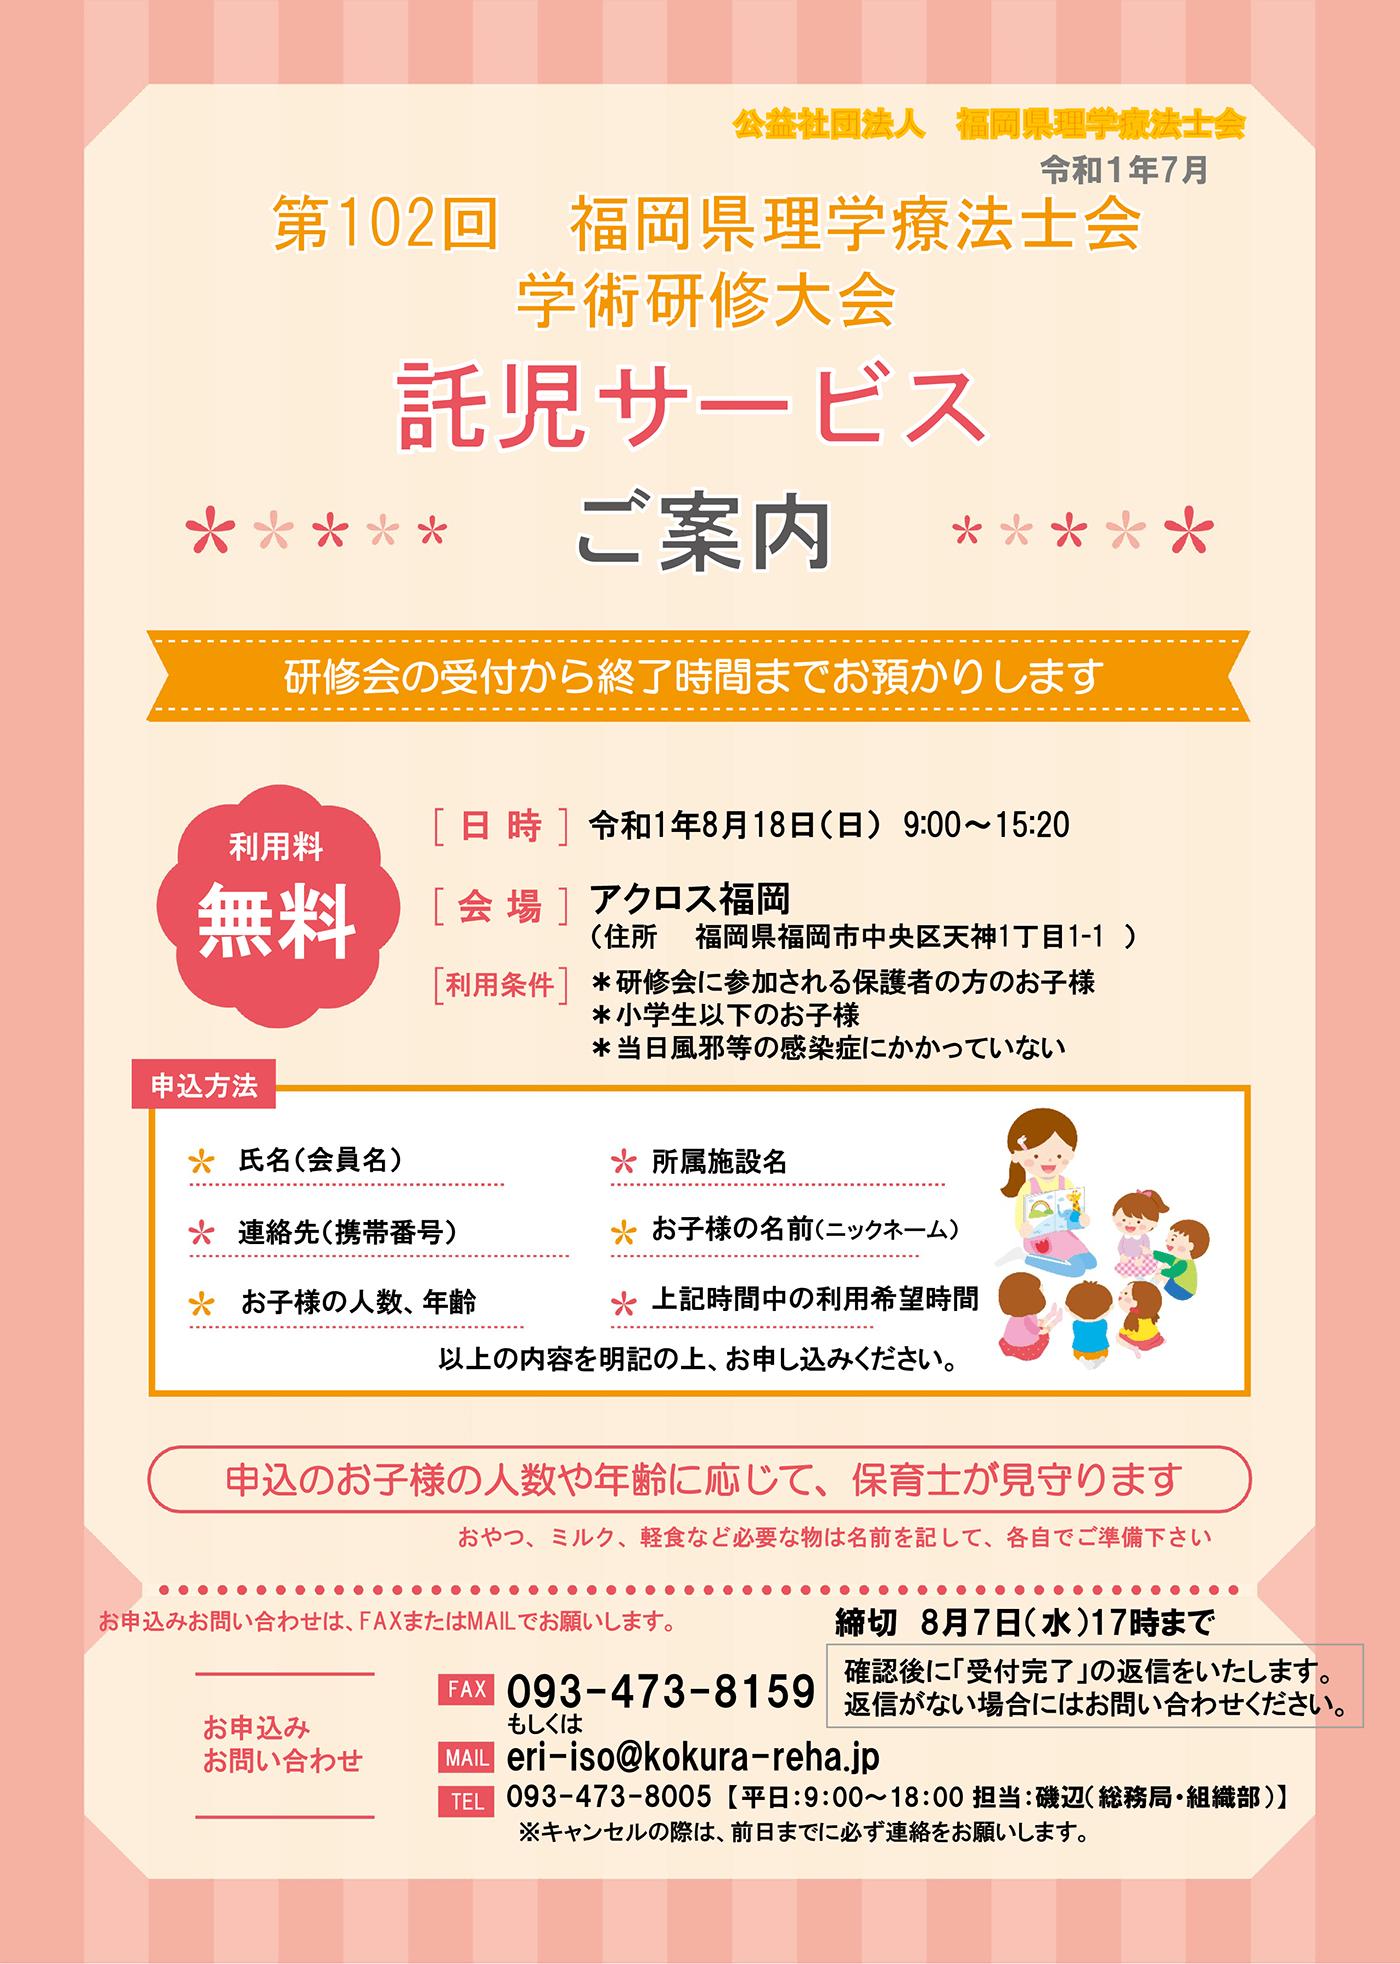 takuji-2019102fukuokaR.png